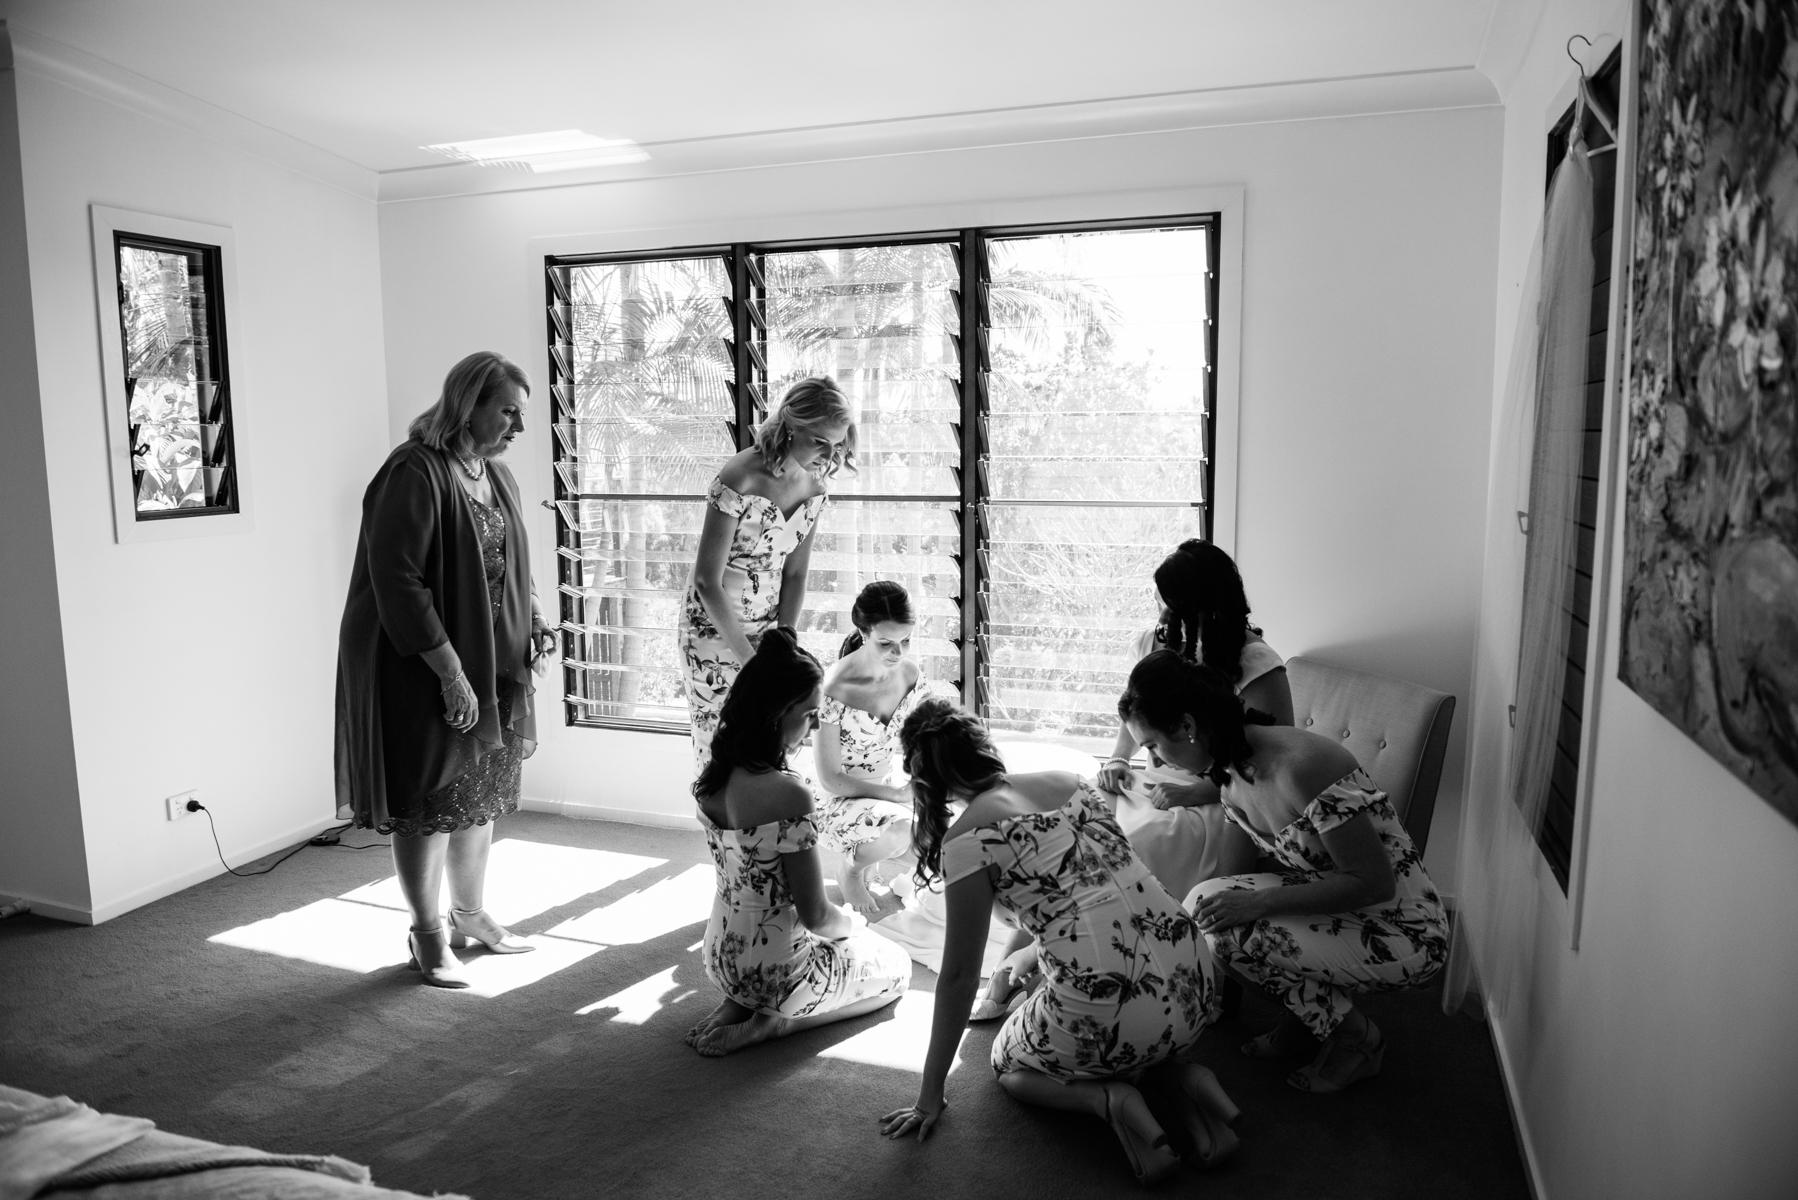 sarahandBenwedding- skyla sage photography weddings, families, byron bay,tweed coast,kingscliff,cabarita,gold coast-251.jpg